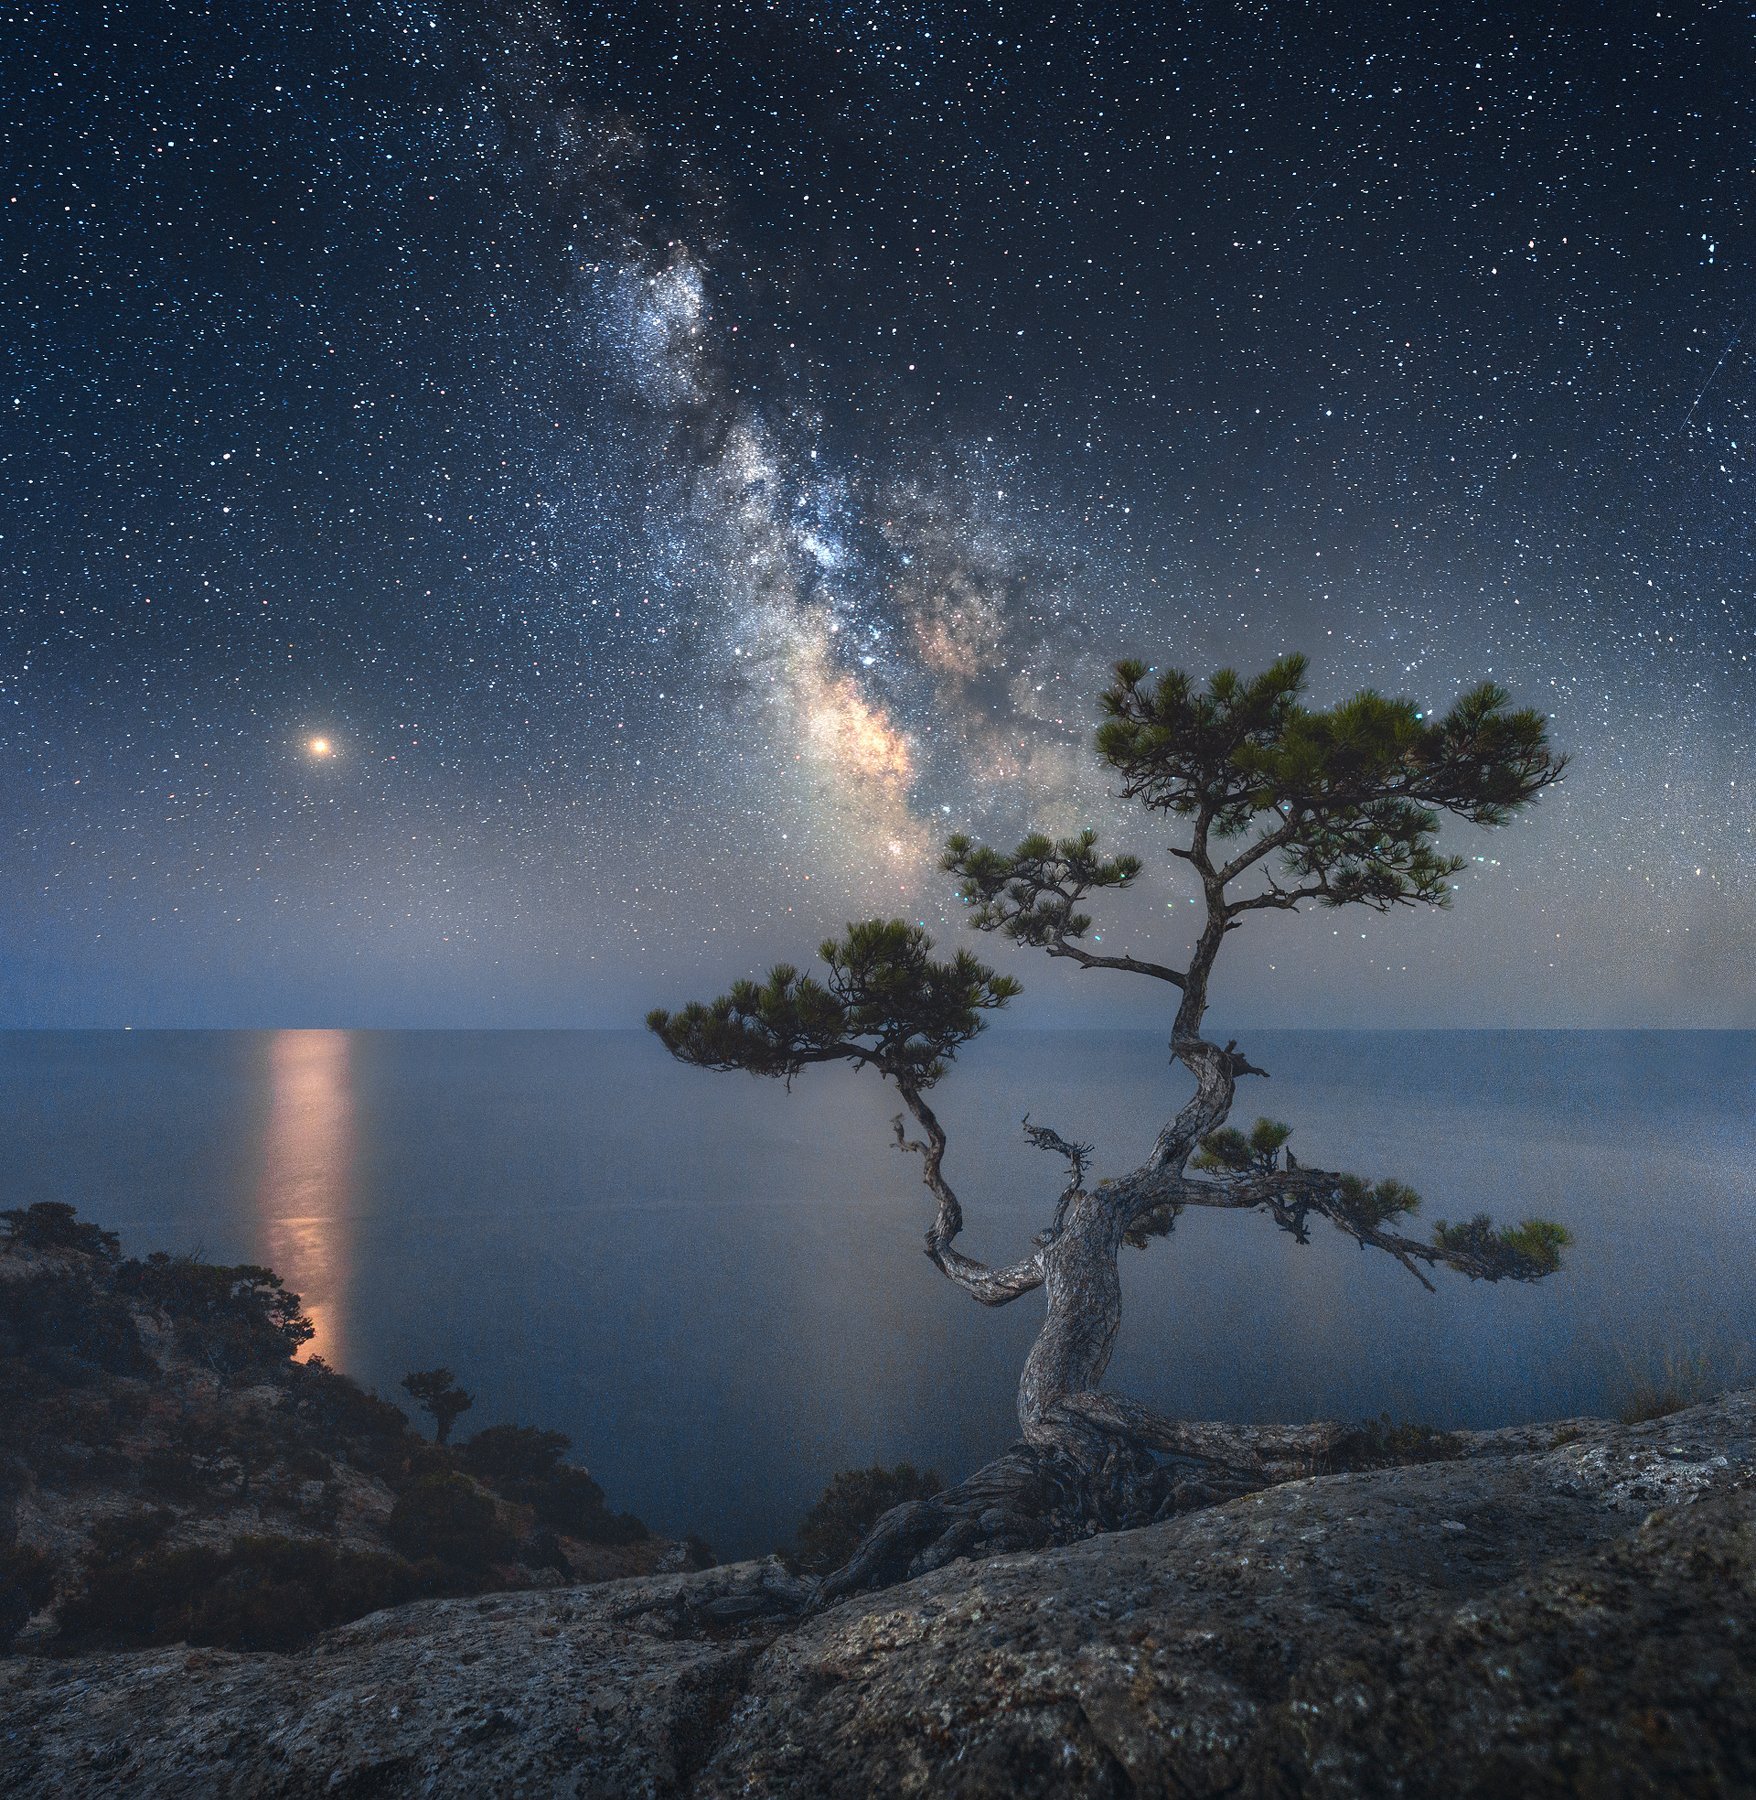 крым, новый свет, пик космос, астрофото, ночное фото, пейзаж, ночной пейзаж, Александр Трашин